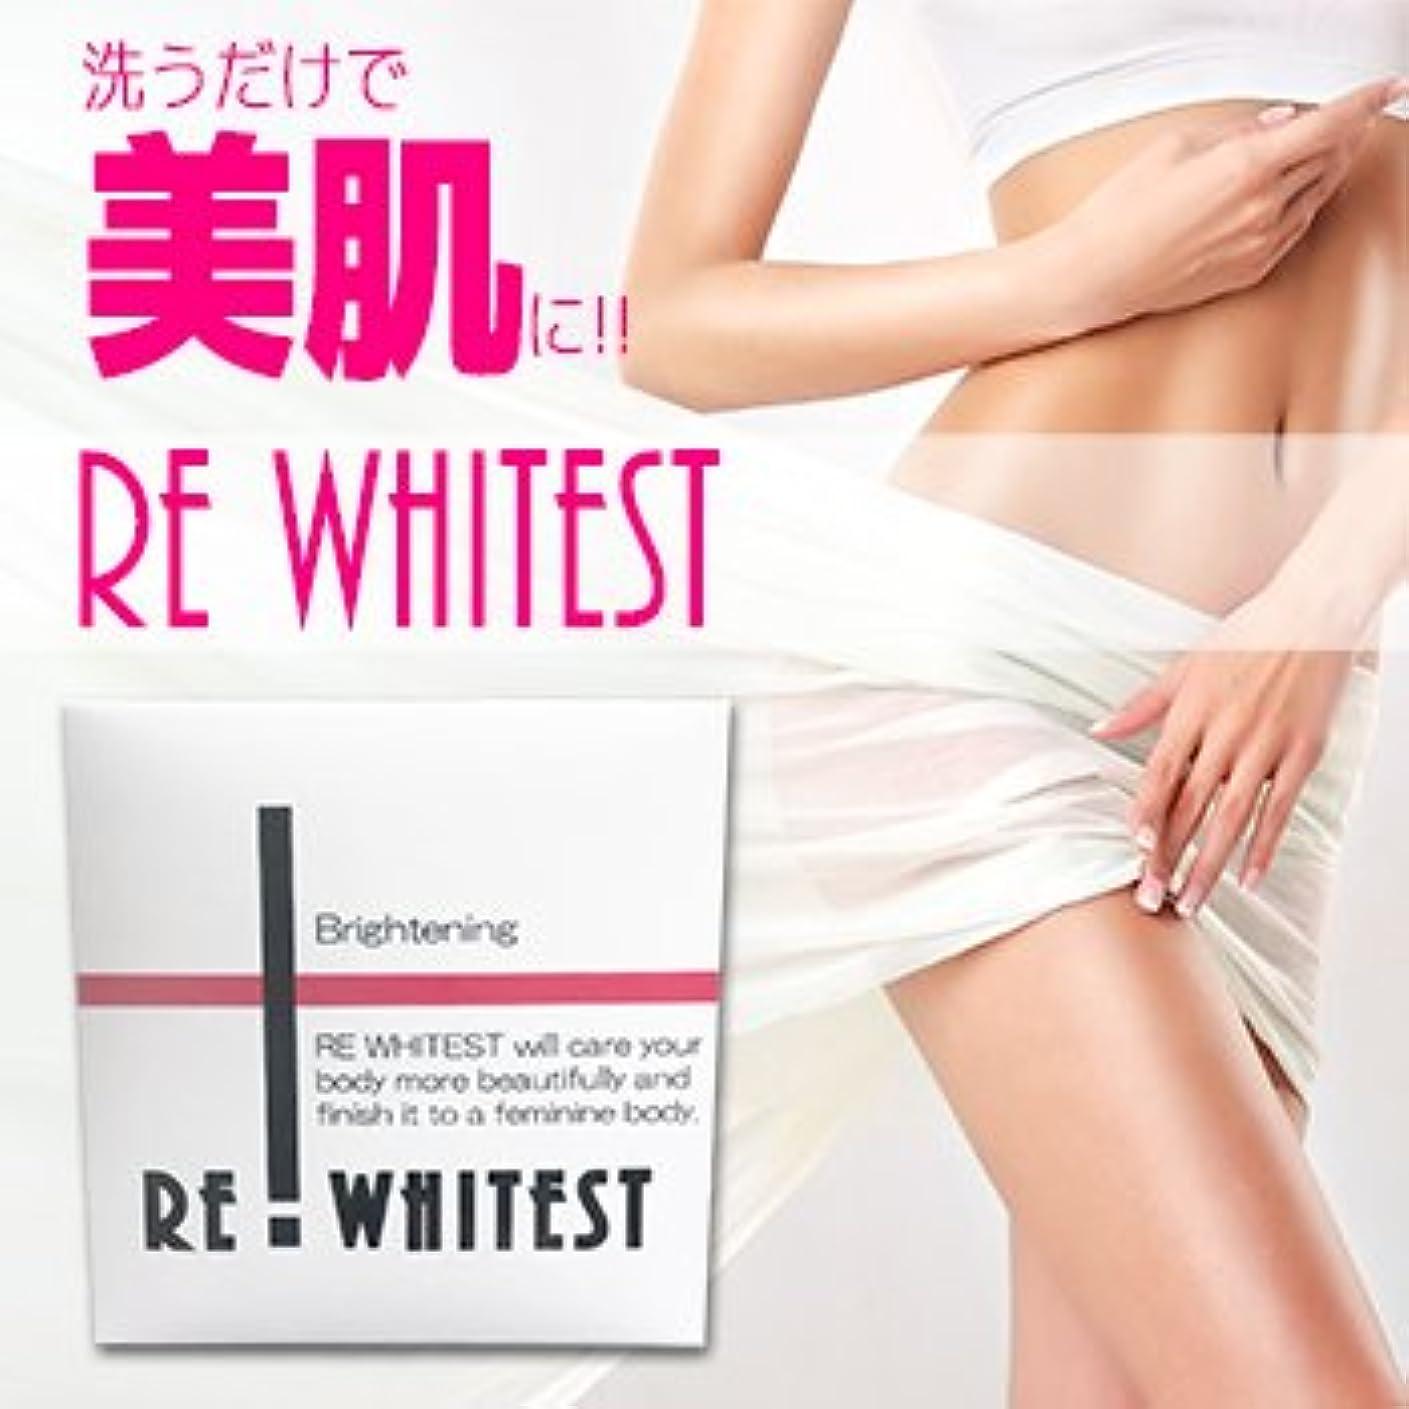 謎研磨剤追放パパイン+イソフラボン配合女性用美肌石鹸 REWHITEST-リホワイテスト-